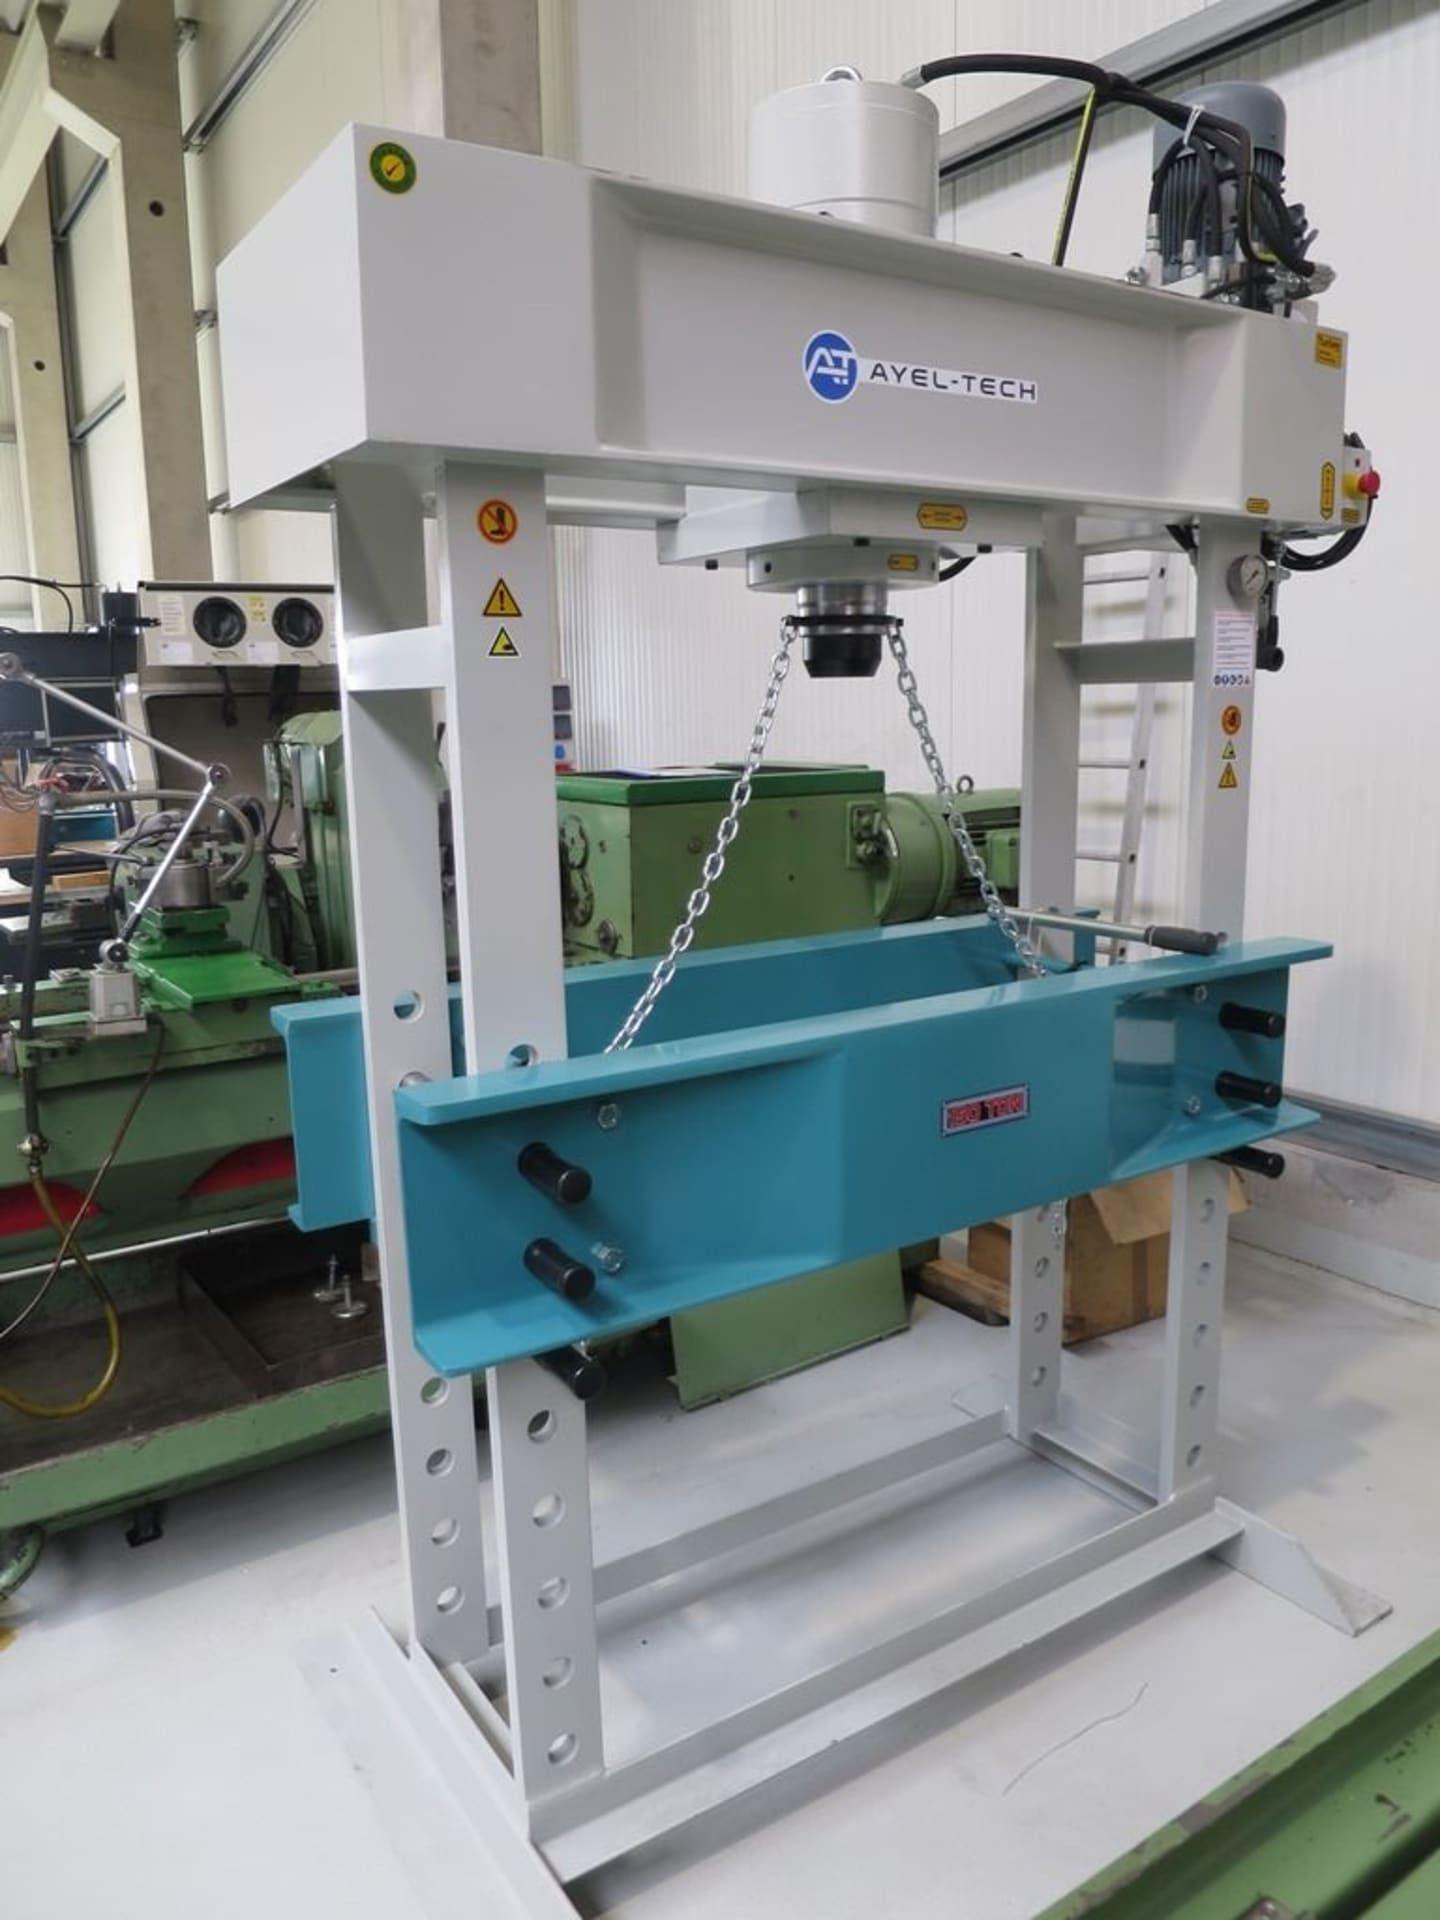 AYEL-TECH WP 150 Werkstattpresse - hydraulisch